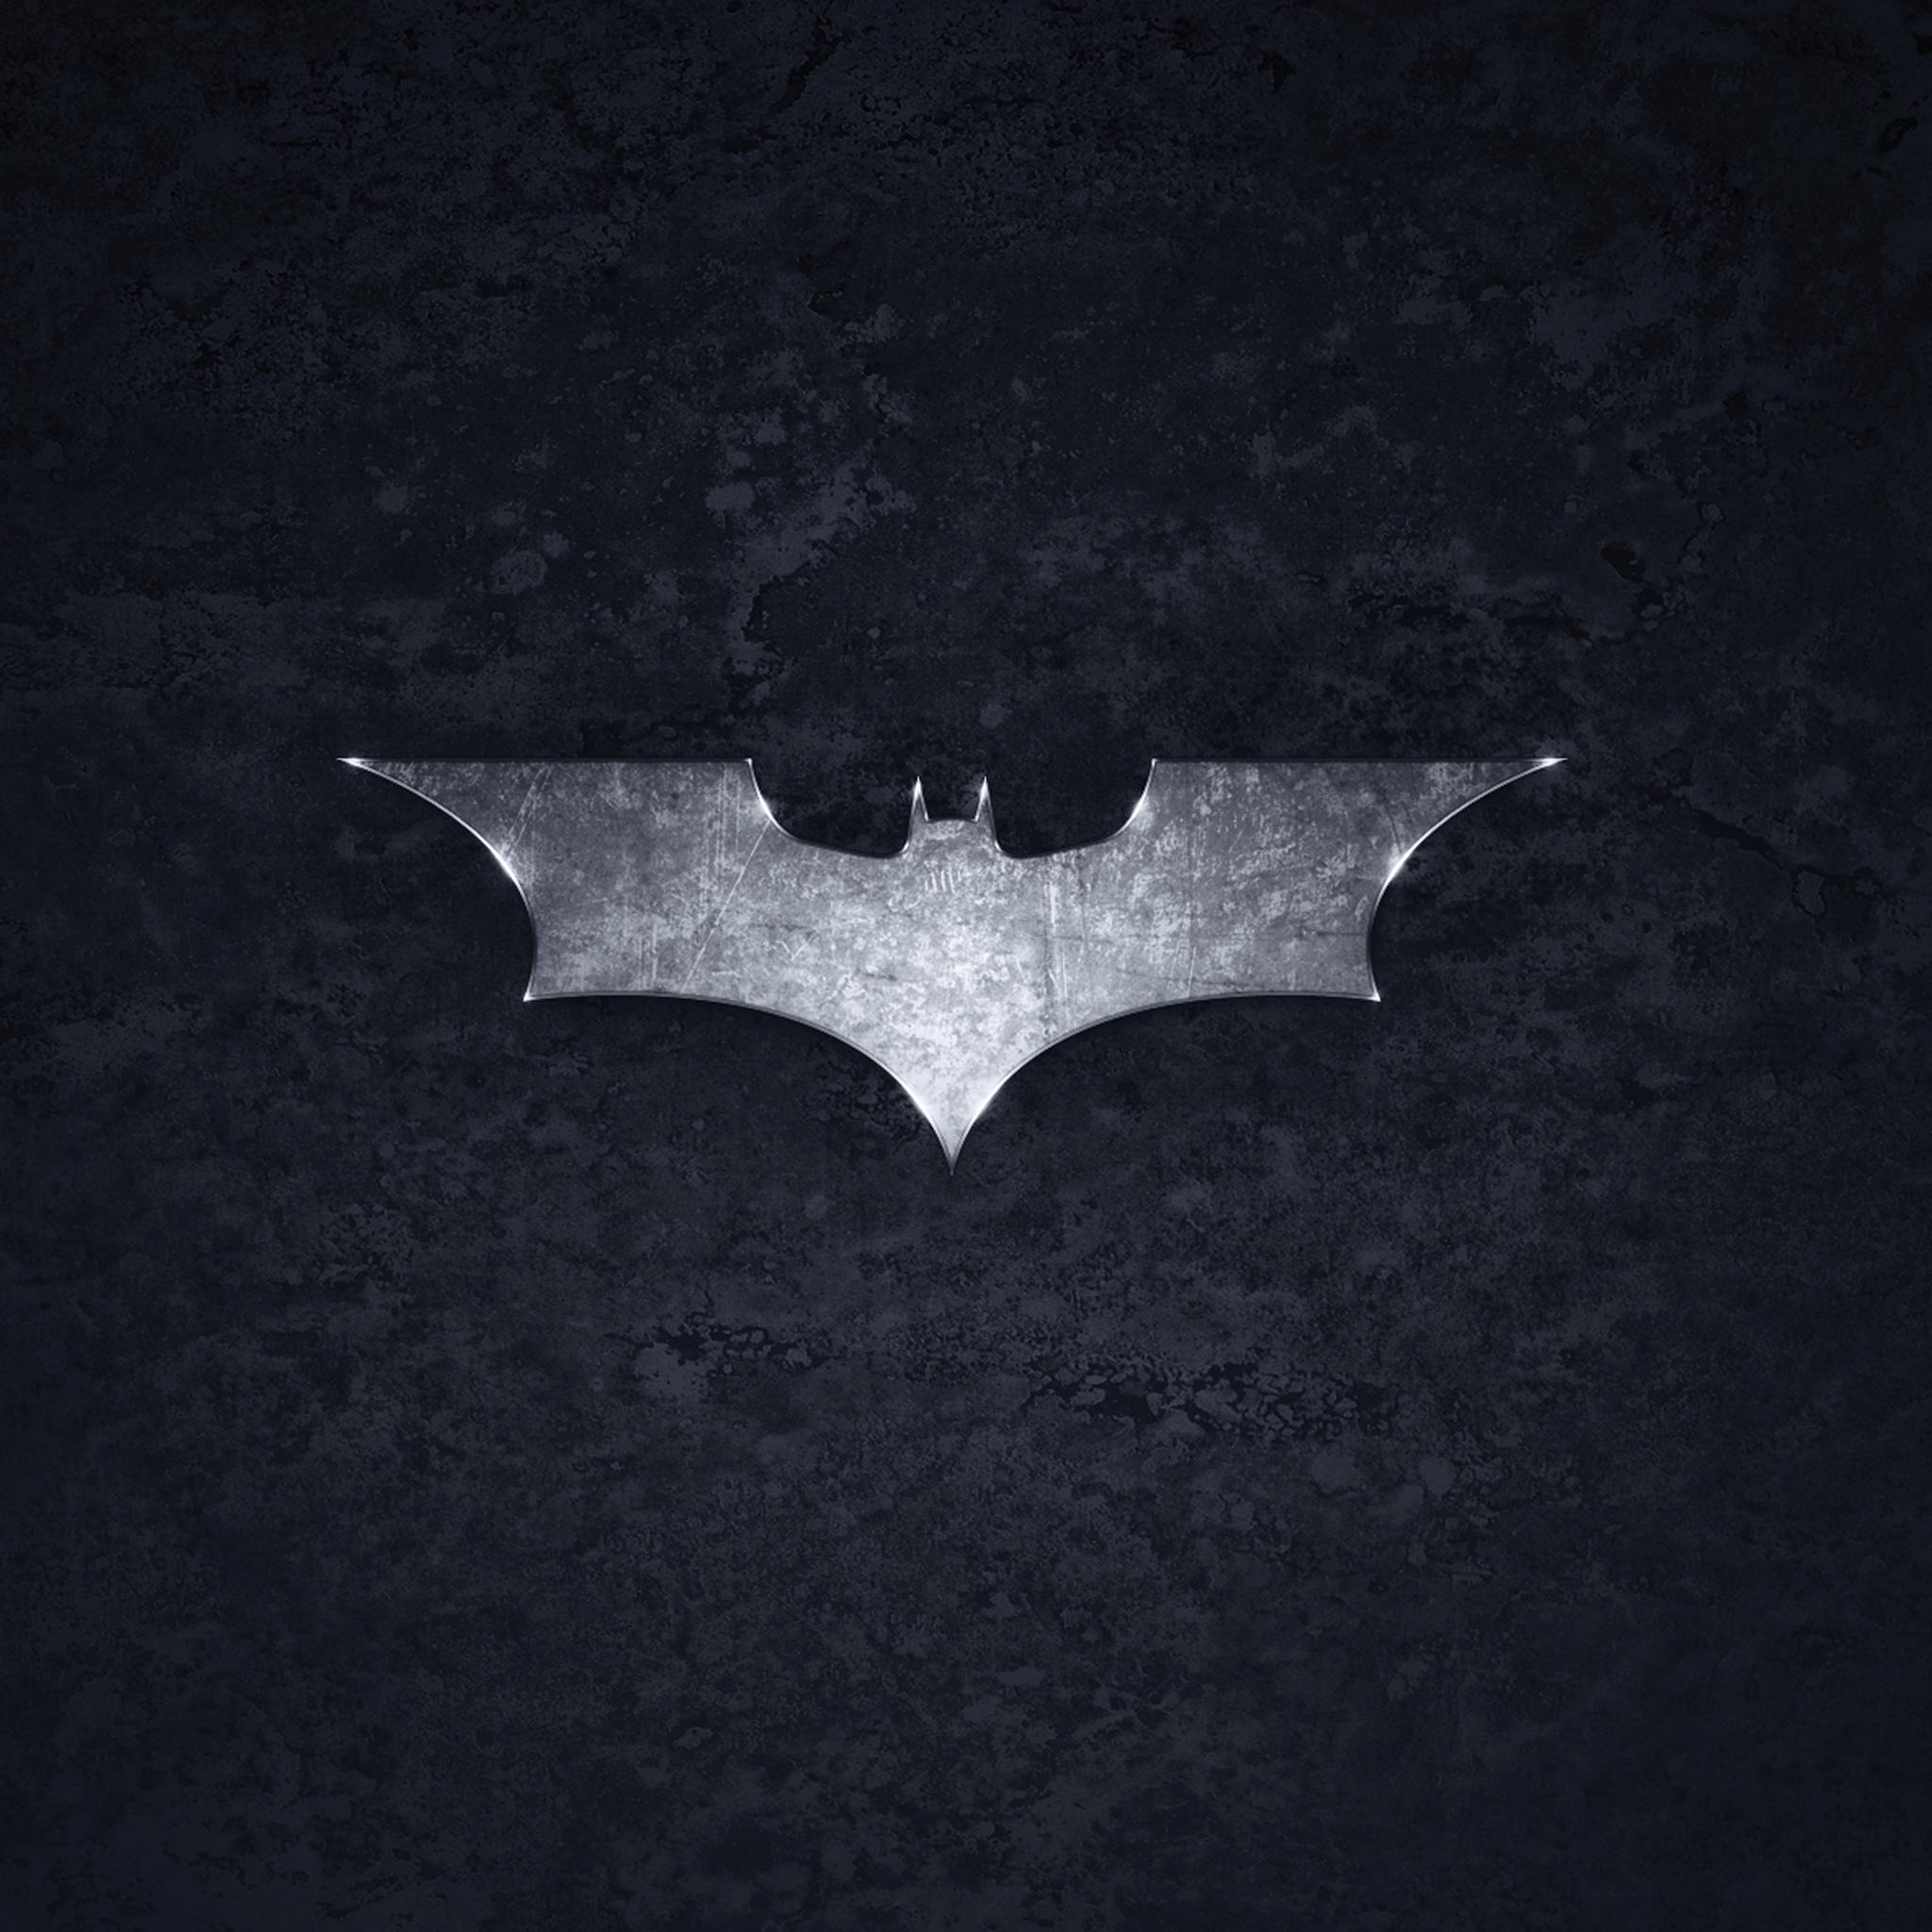 Batman-Sign-3Wallpapers-iPad-Retina